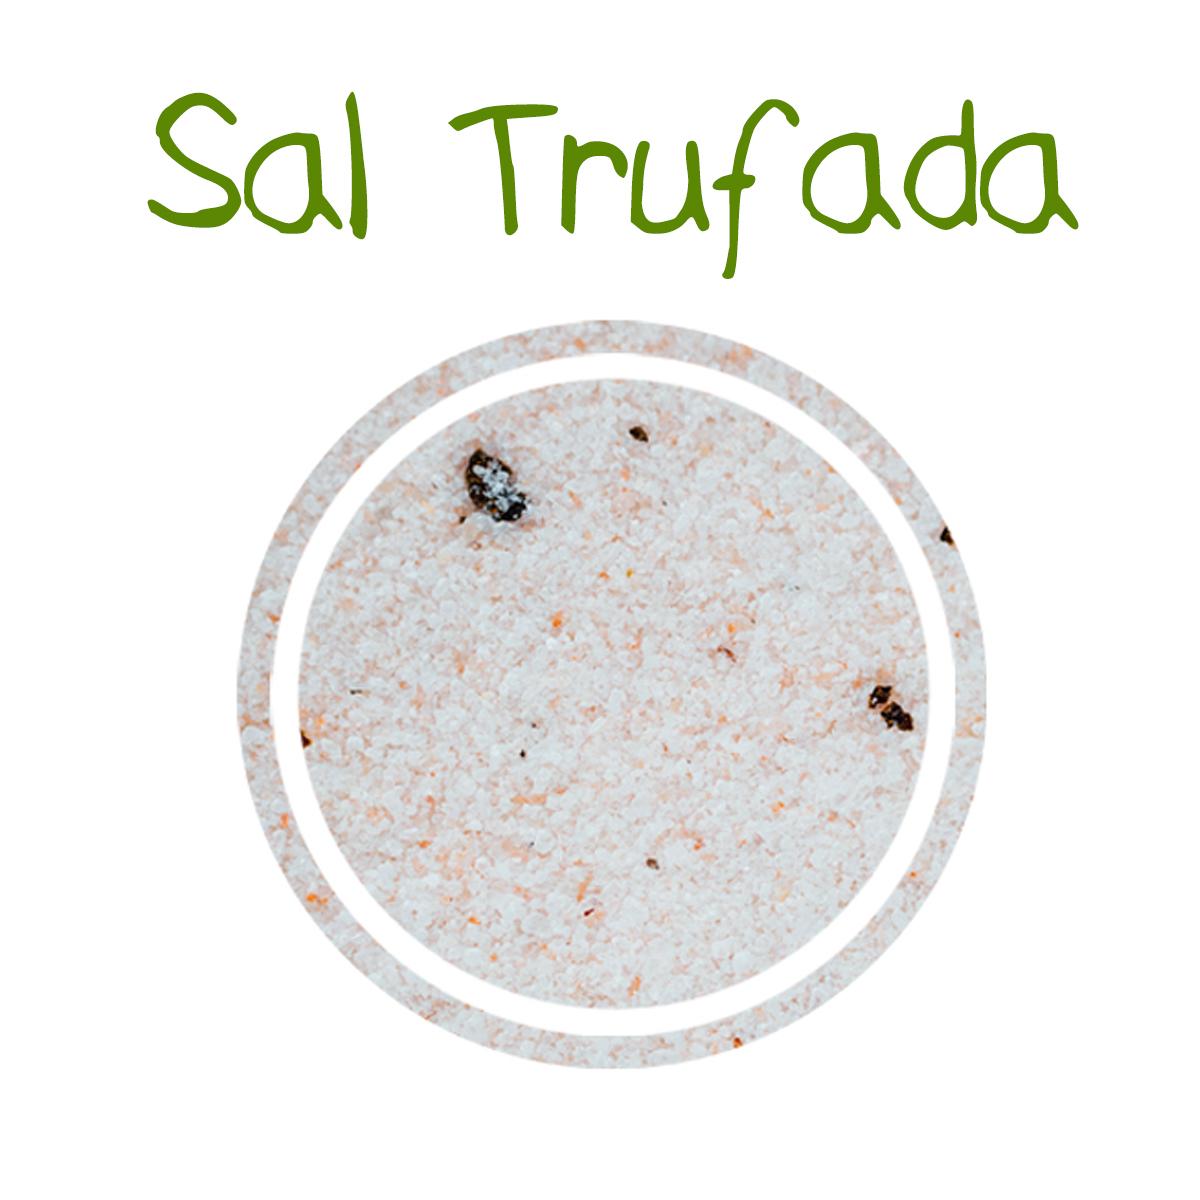 Sal-trufas